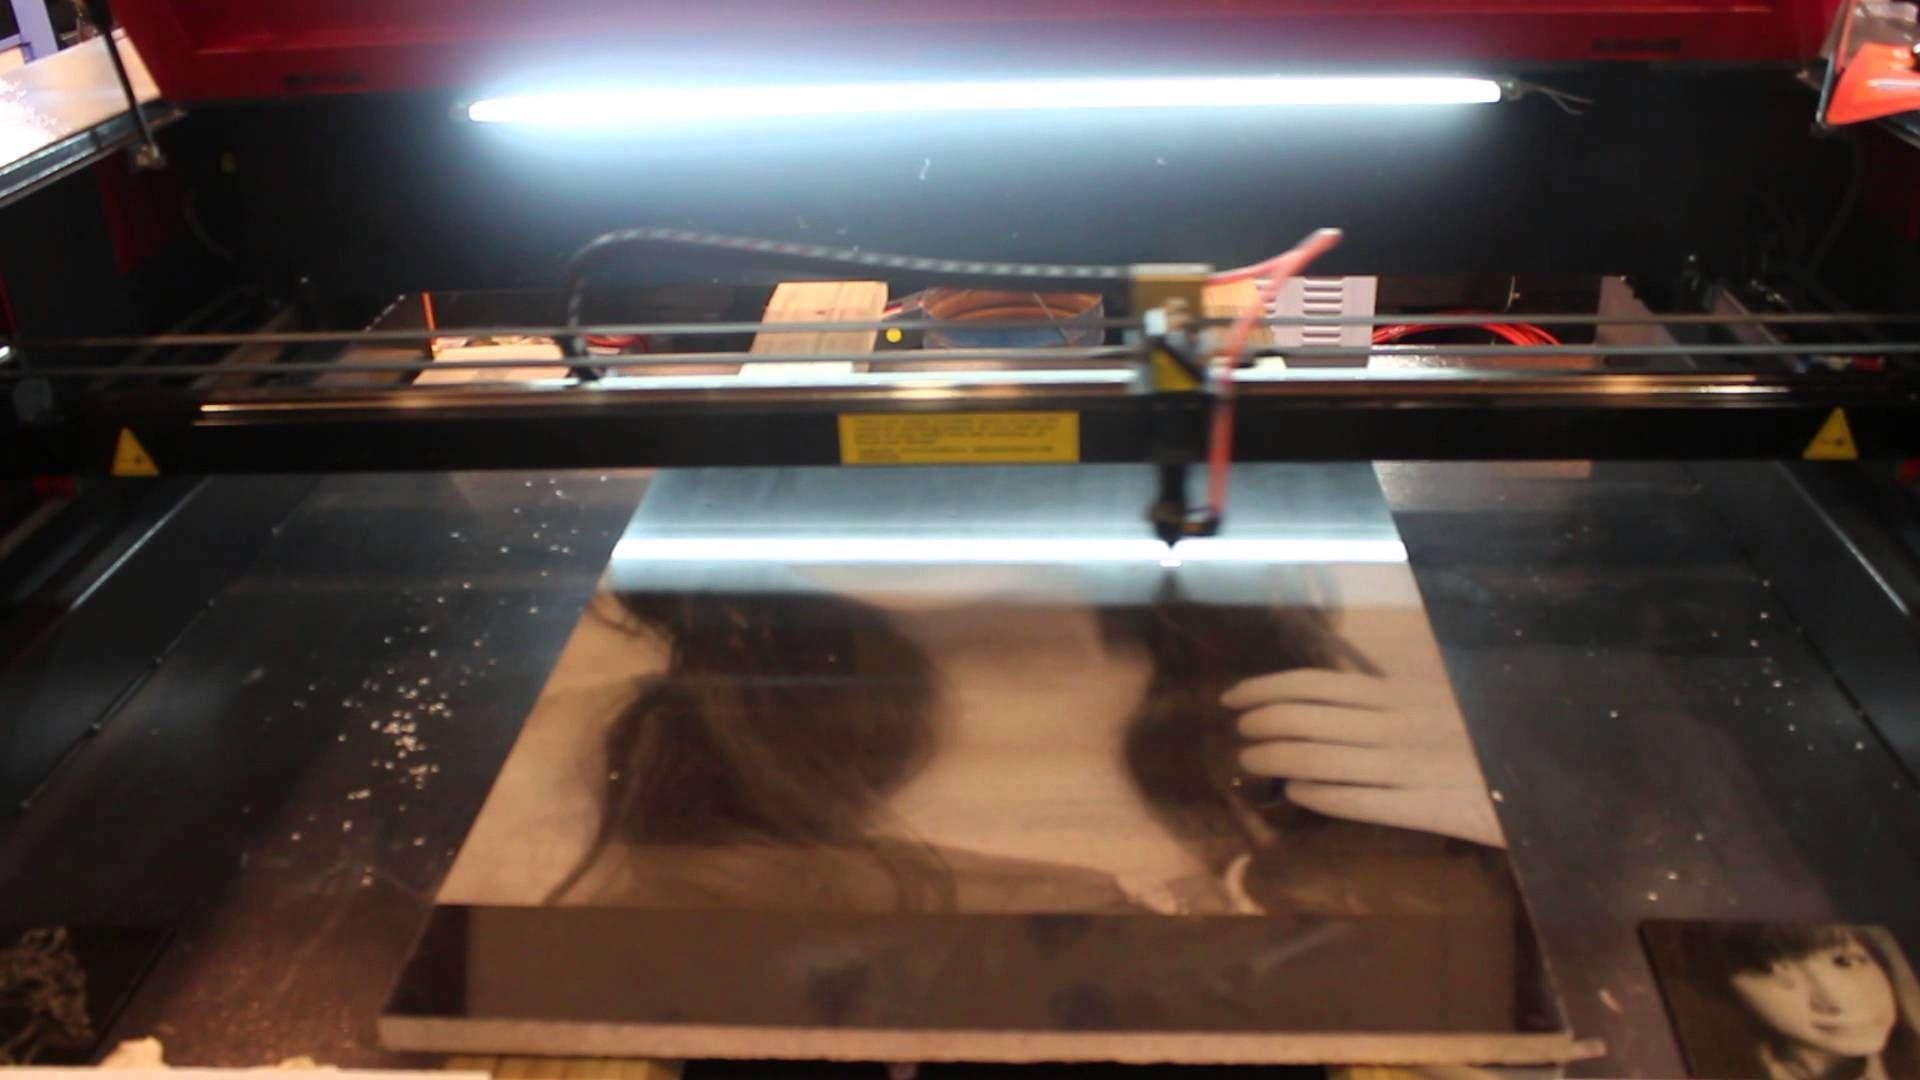 High Precision High Speed Cnc Laser Machine Laser Cnc Machine Hitech C Laser Cnc Machine Laser Machine Cnc Machine